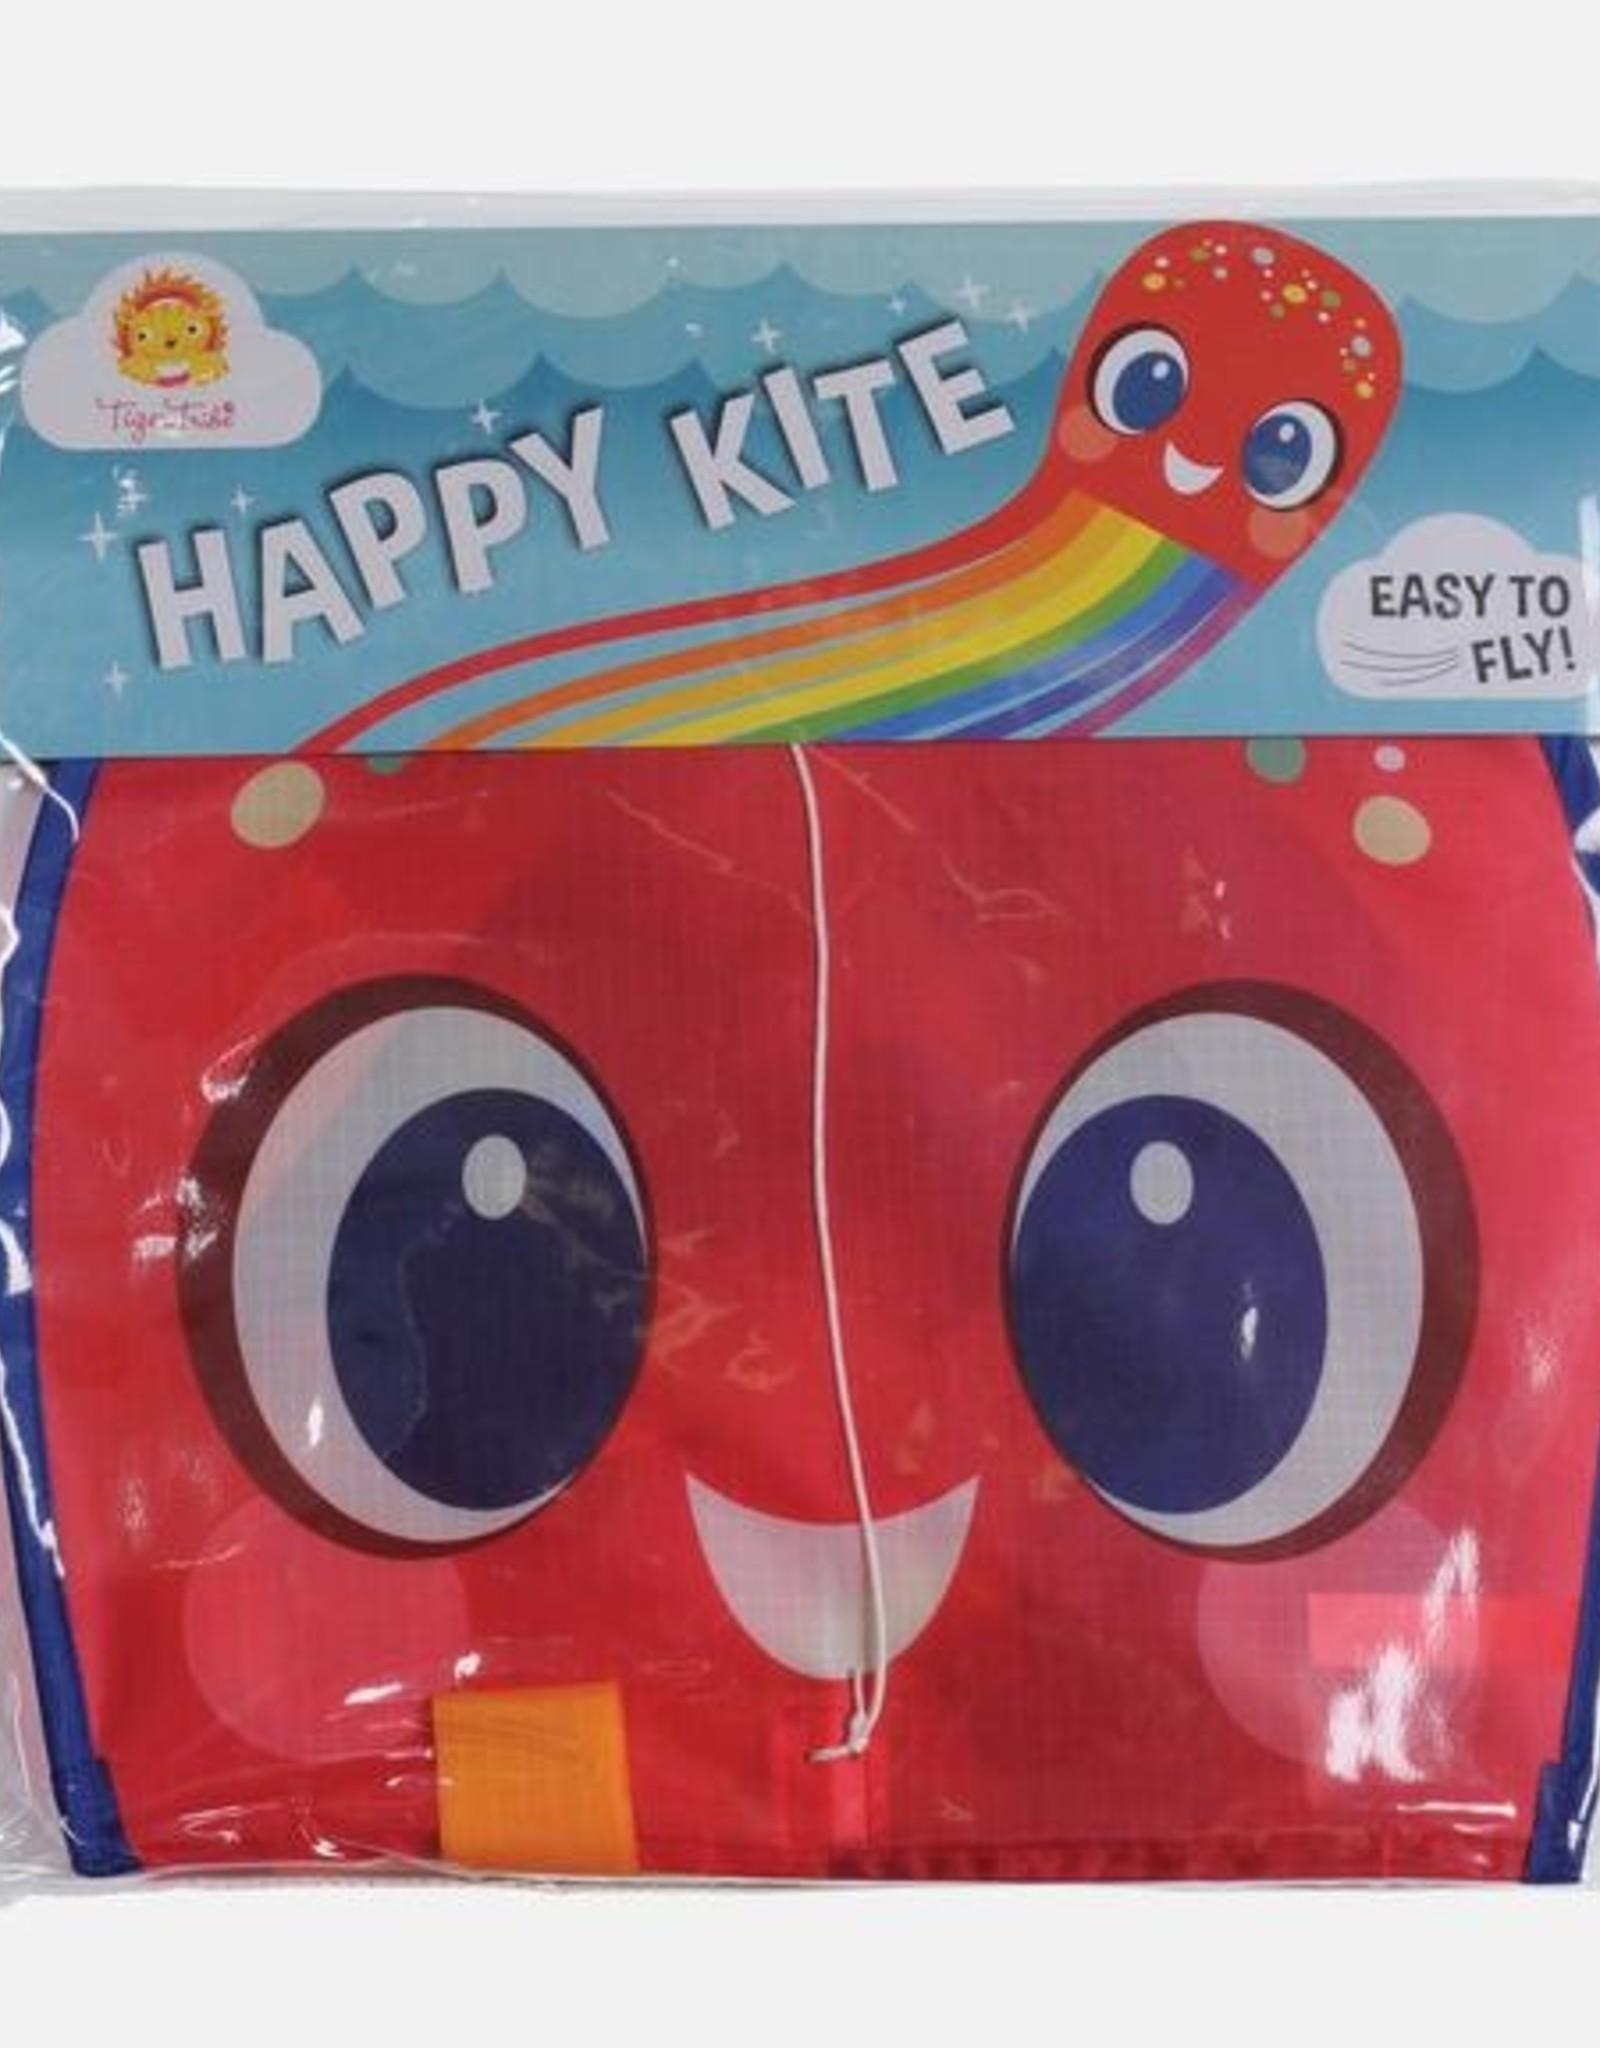 Tiger Tribe Tiger Tribe - Happy Kite